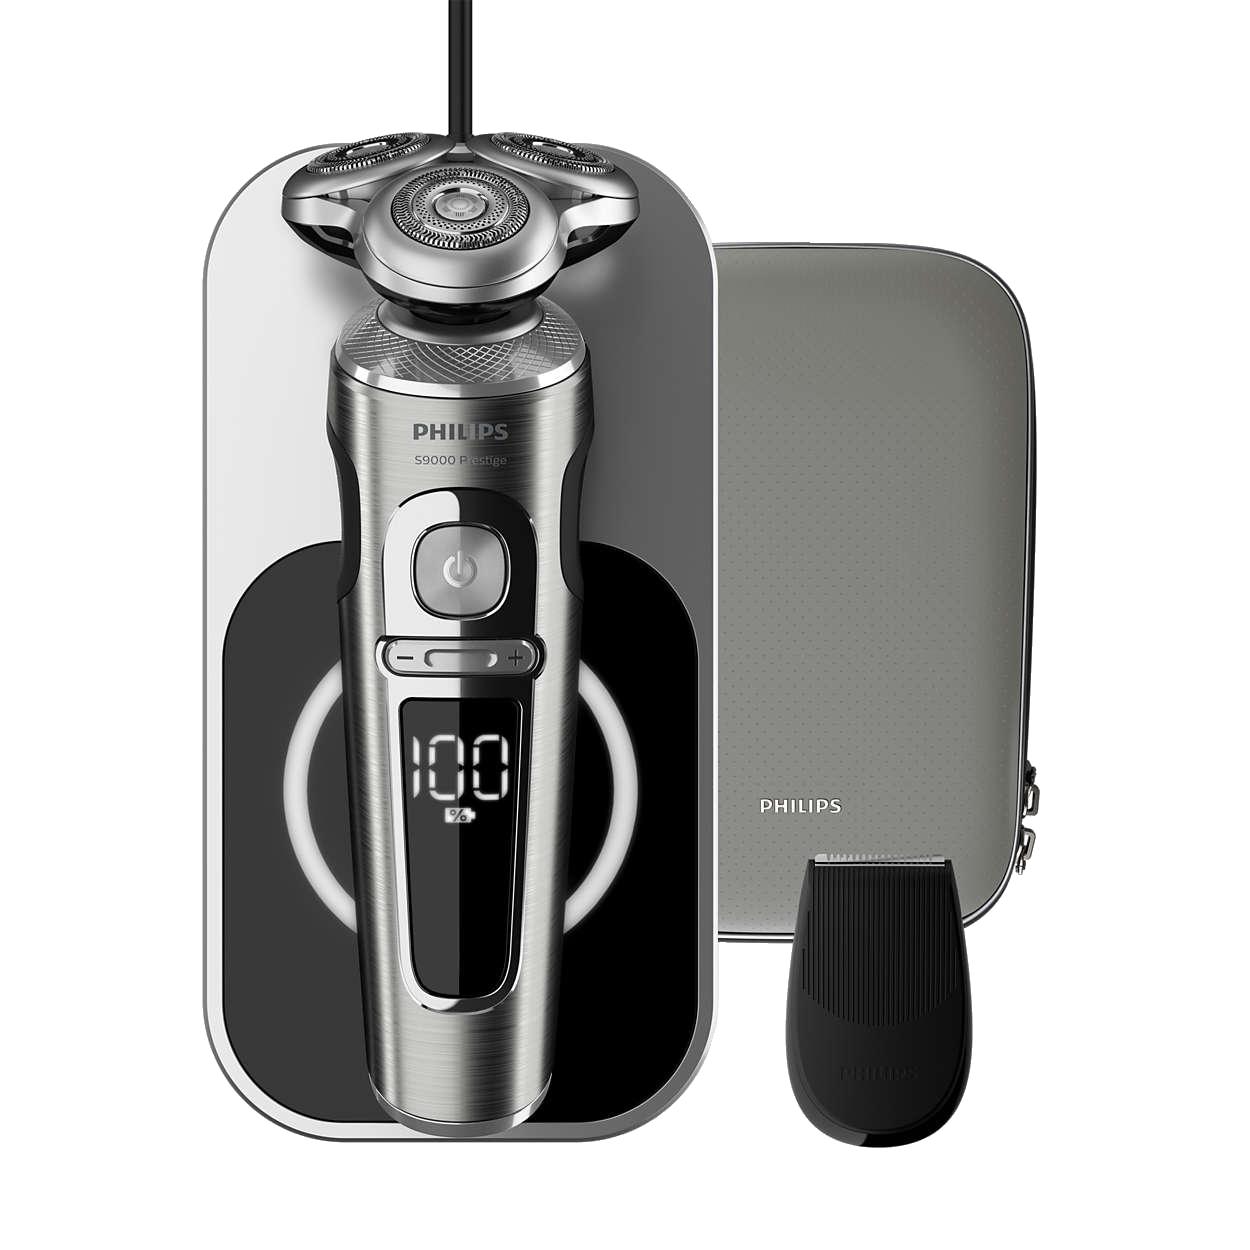 フィリップス ウェット&ドライ電気シェーバー S9000 プレステージ SP9861/13 新品 画像